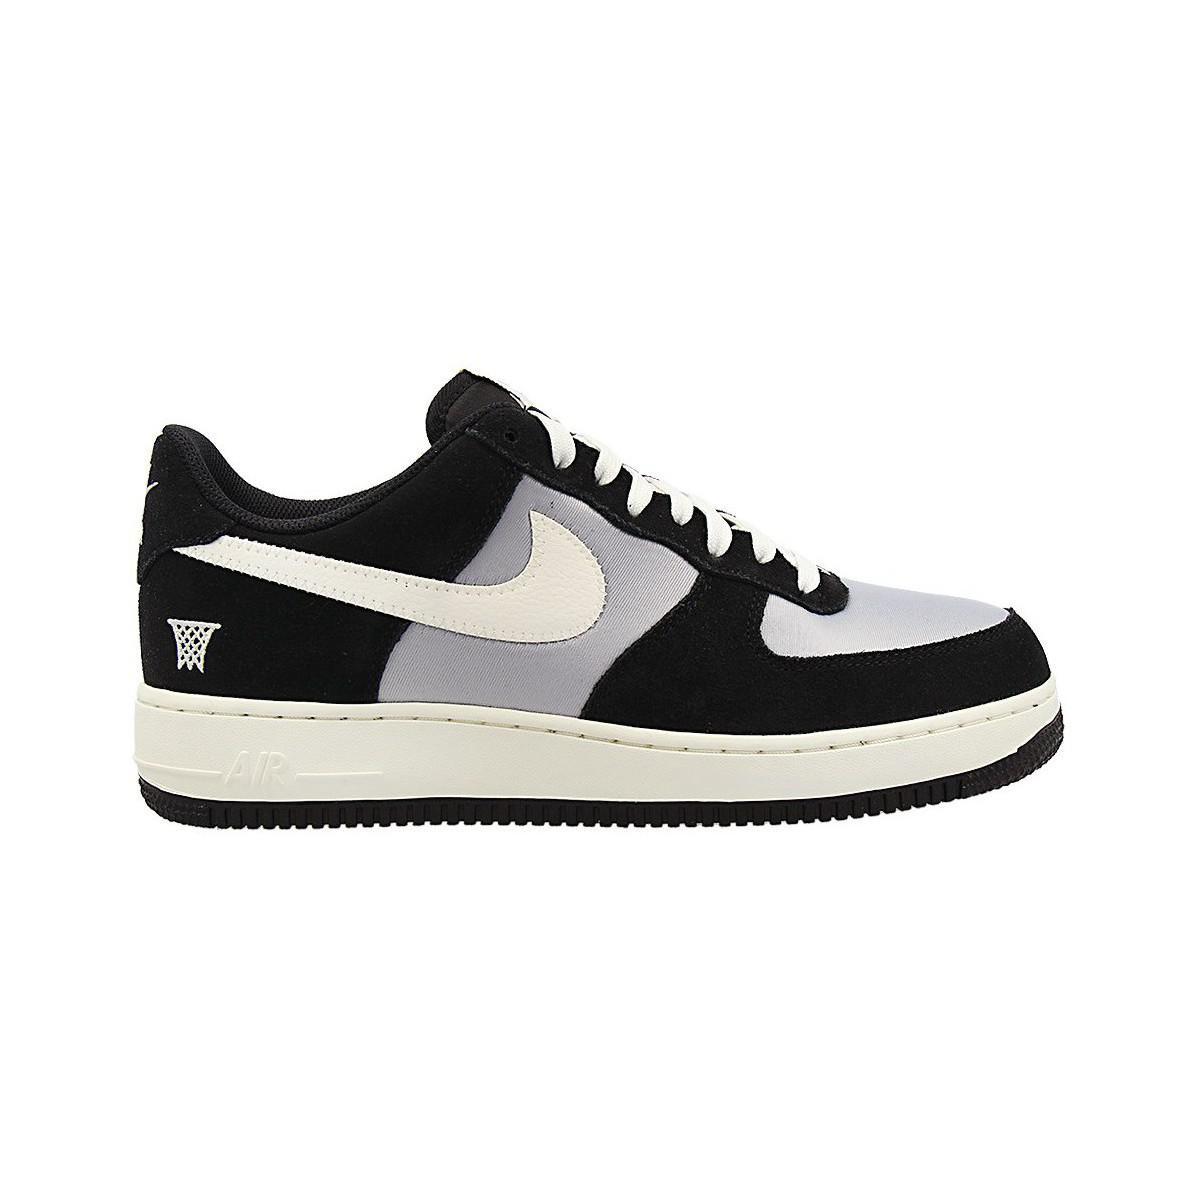 Nike Air Force 1 Hombres Zapatos Instructores En Lyst Gris En Gris Para Hombres Lyst En 934d08